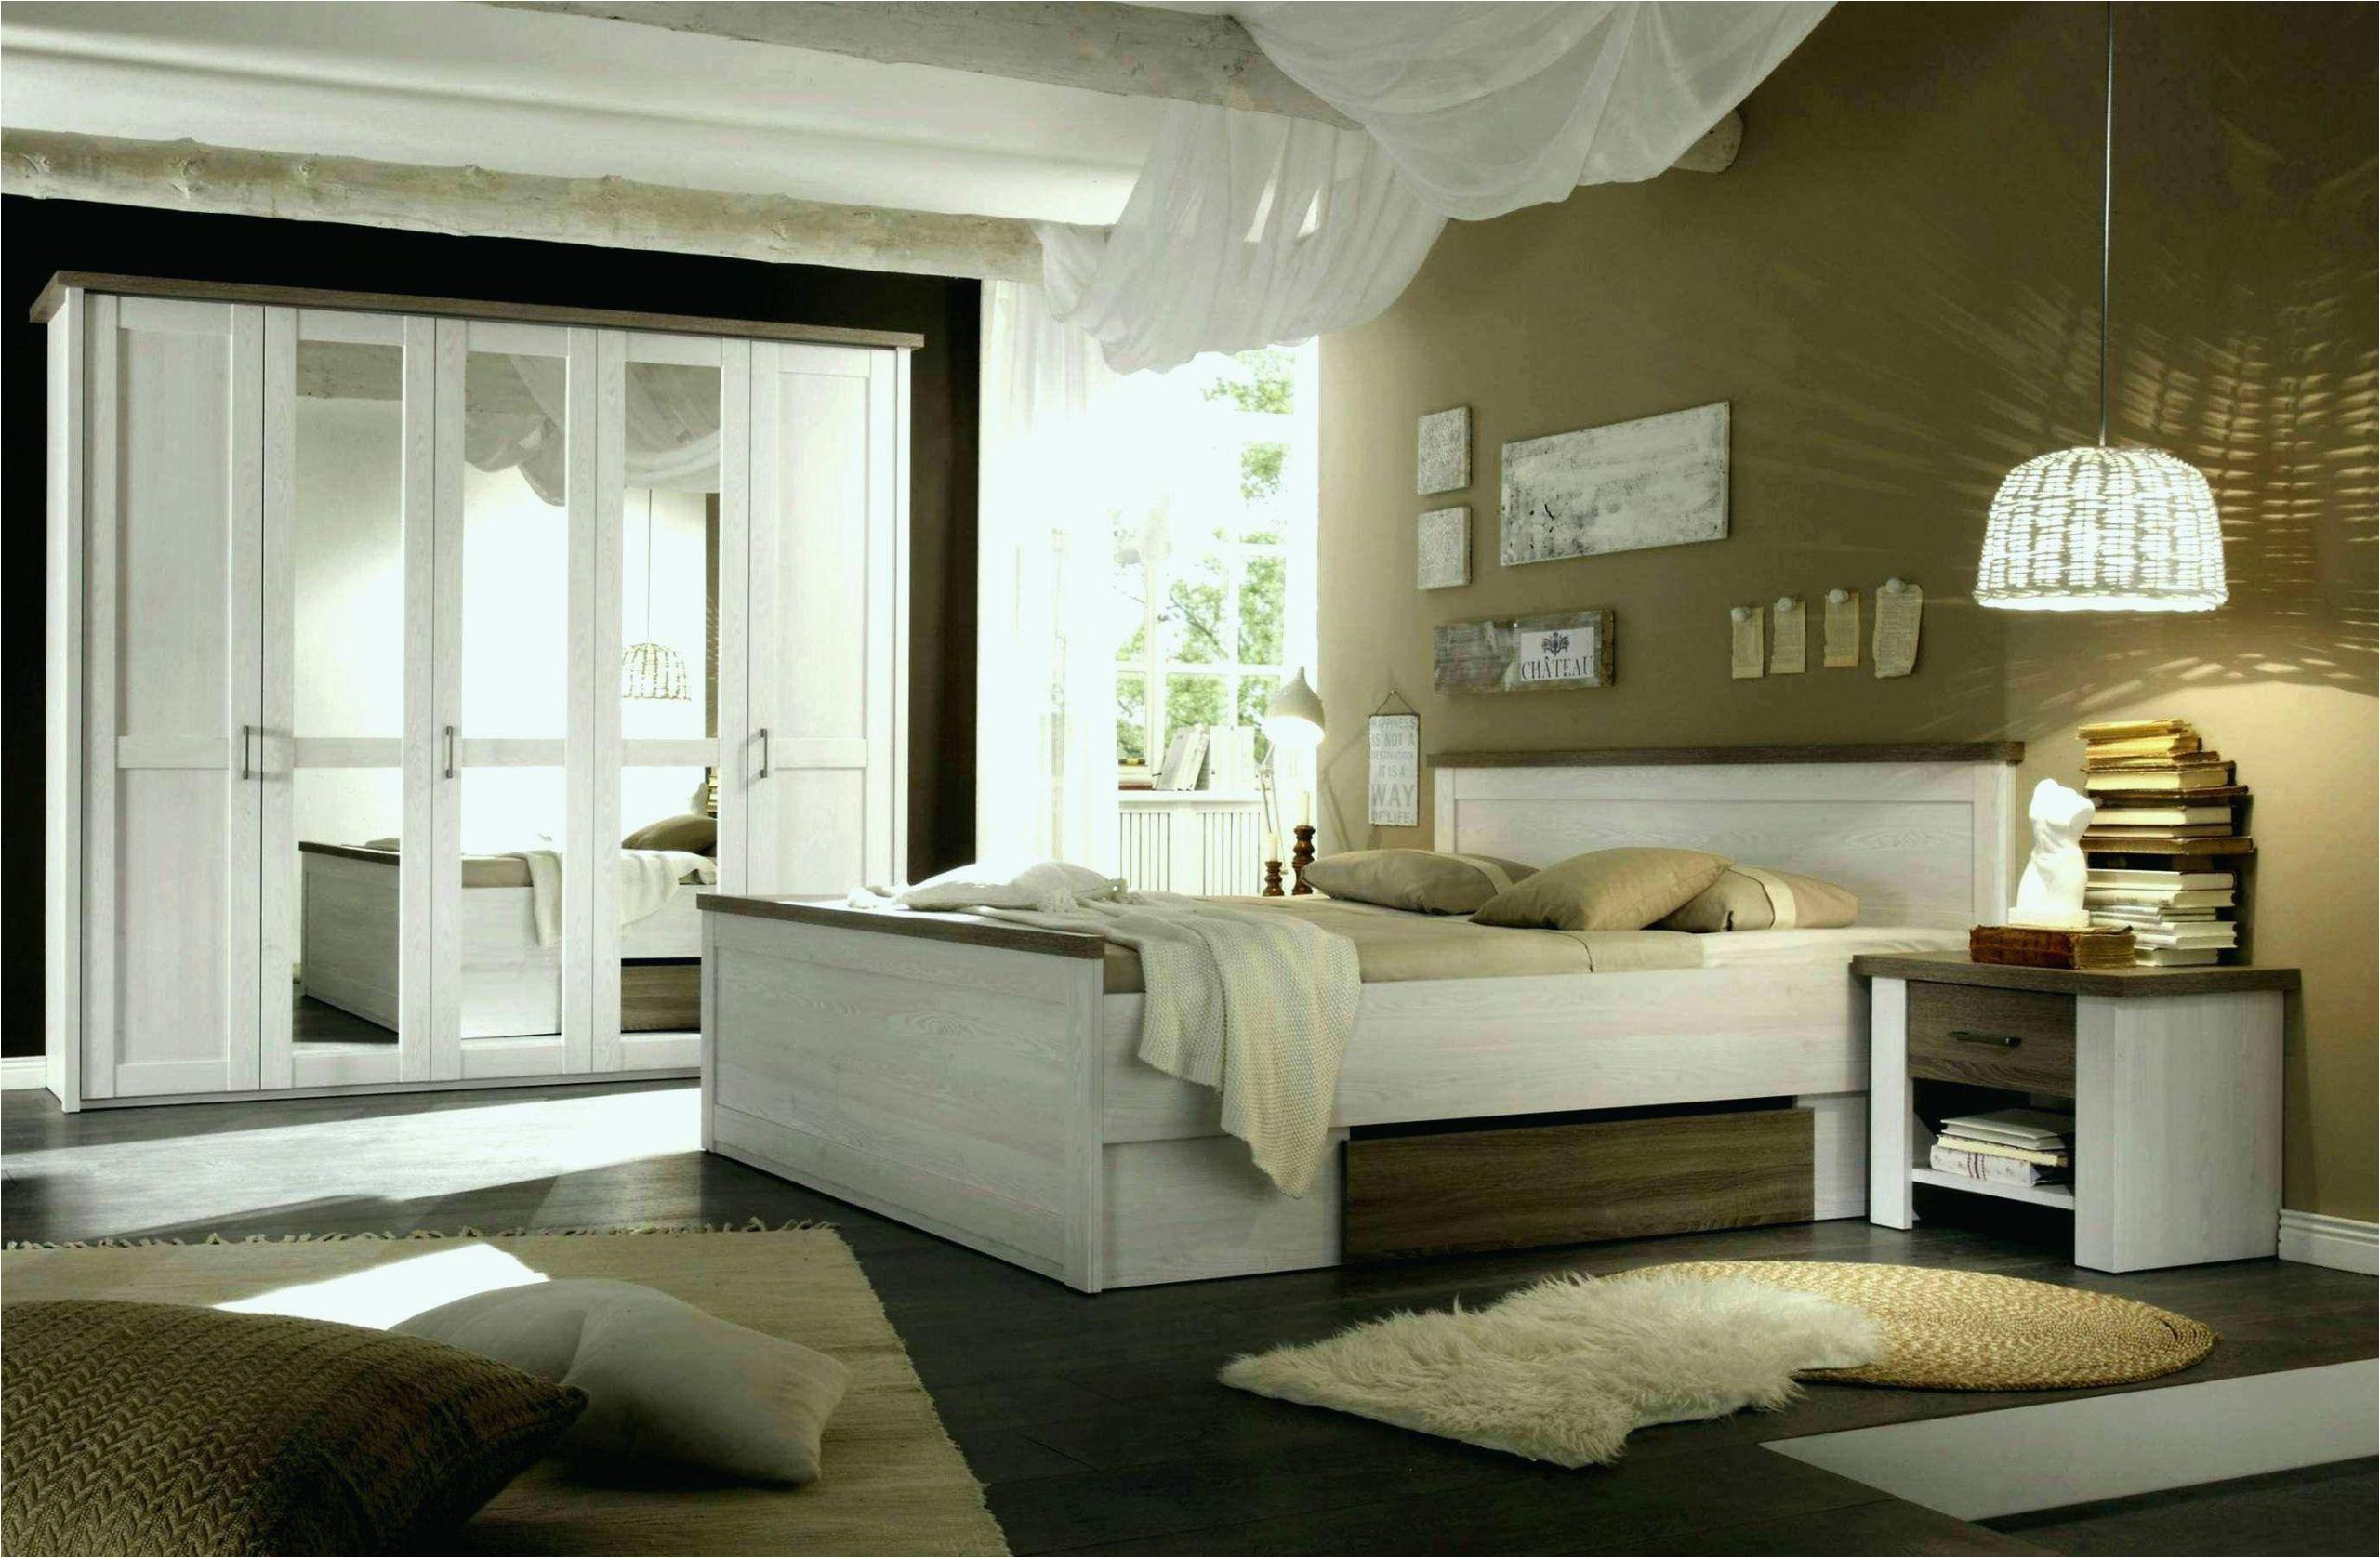 gardinen furs wohnzimmer genial 30 luxus scheibengardinen fur schlafzimmer buch of gardinen furs wohnzimmer 1 scaled